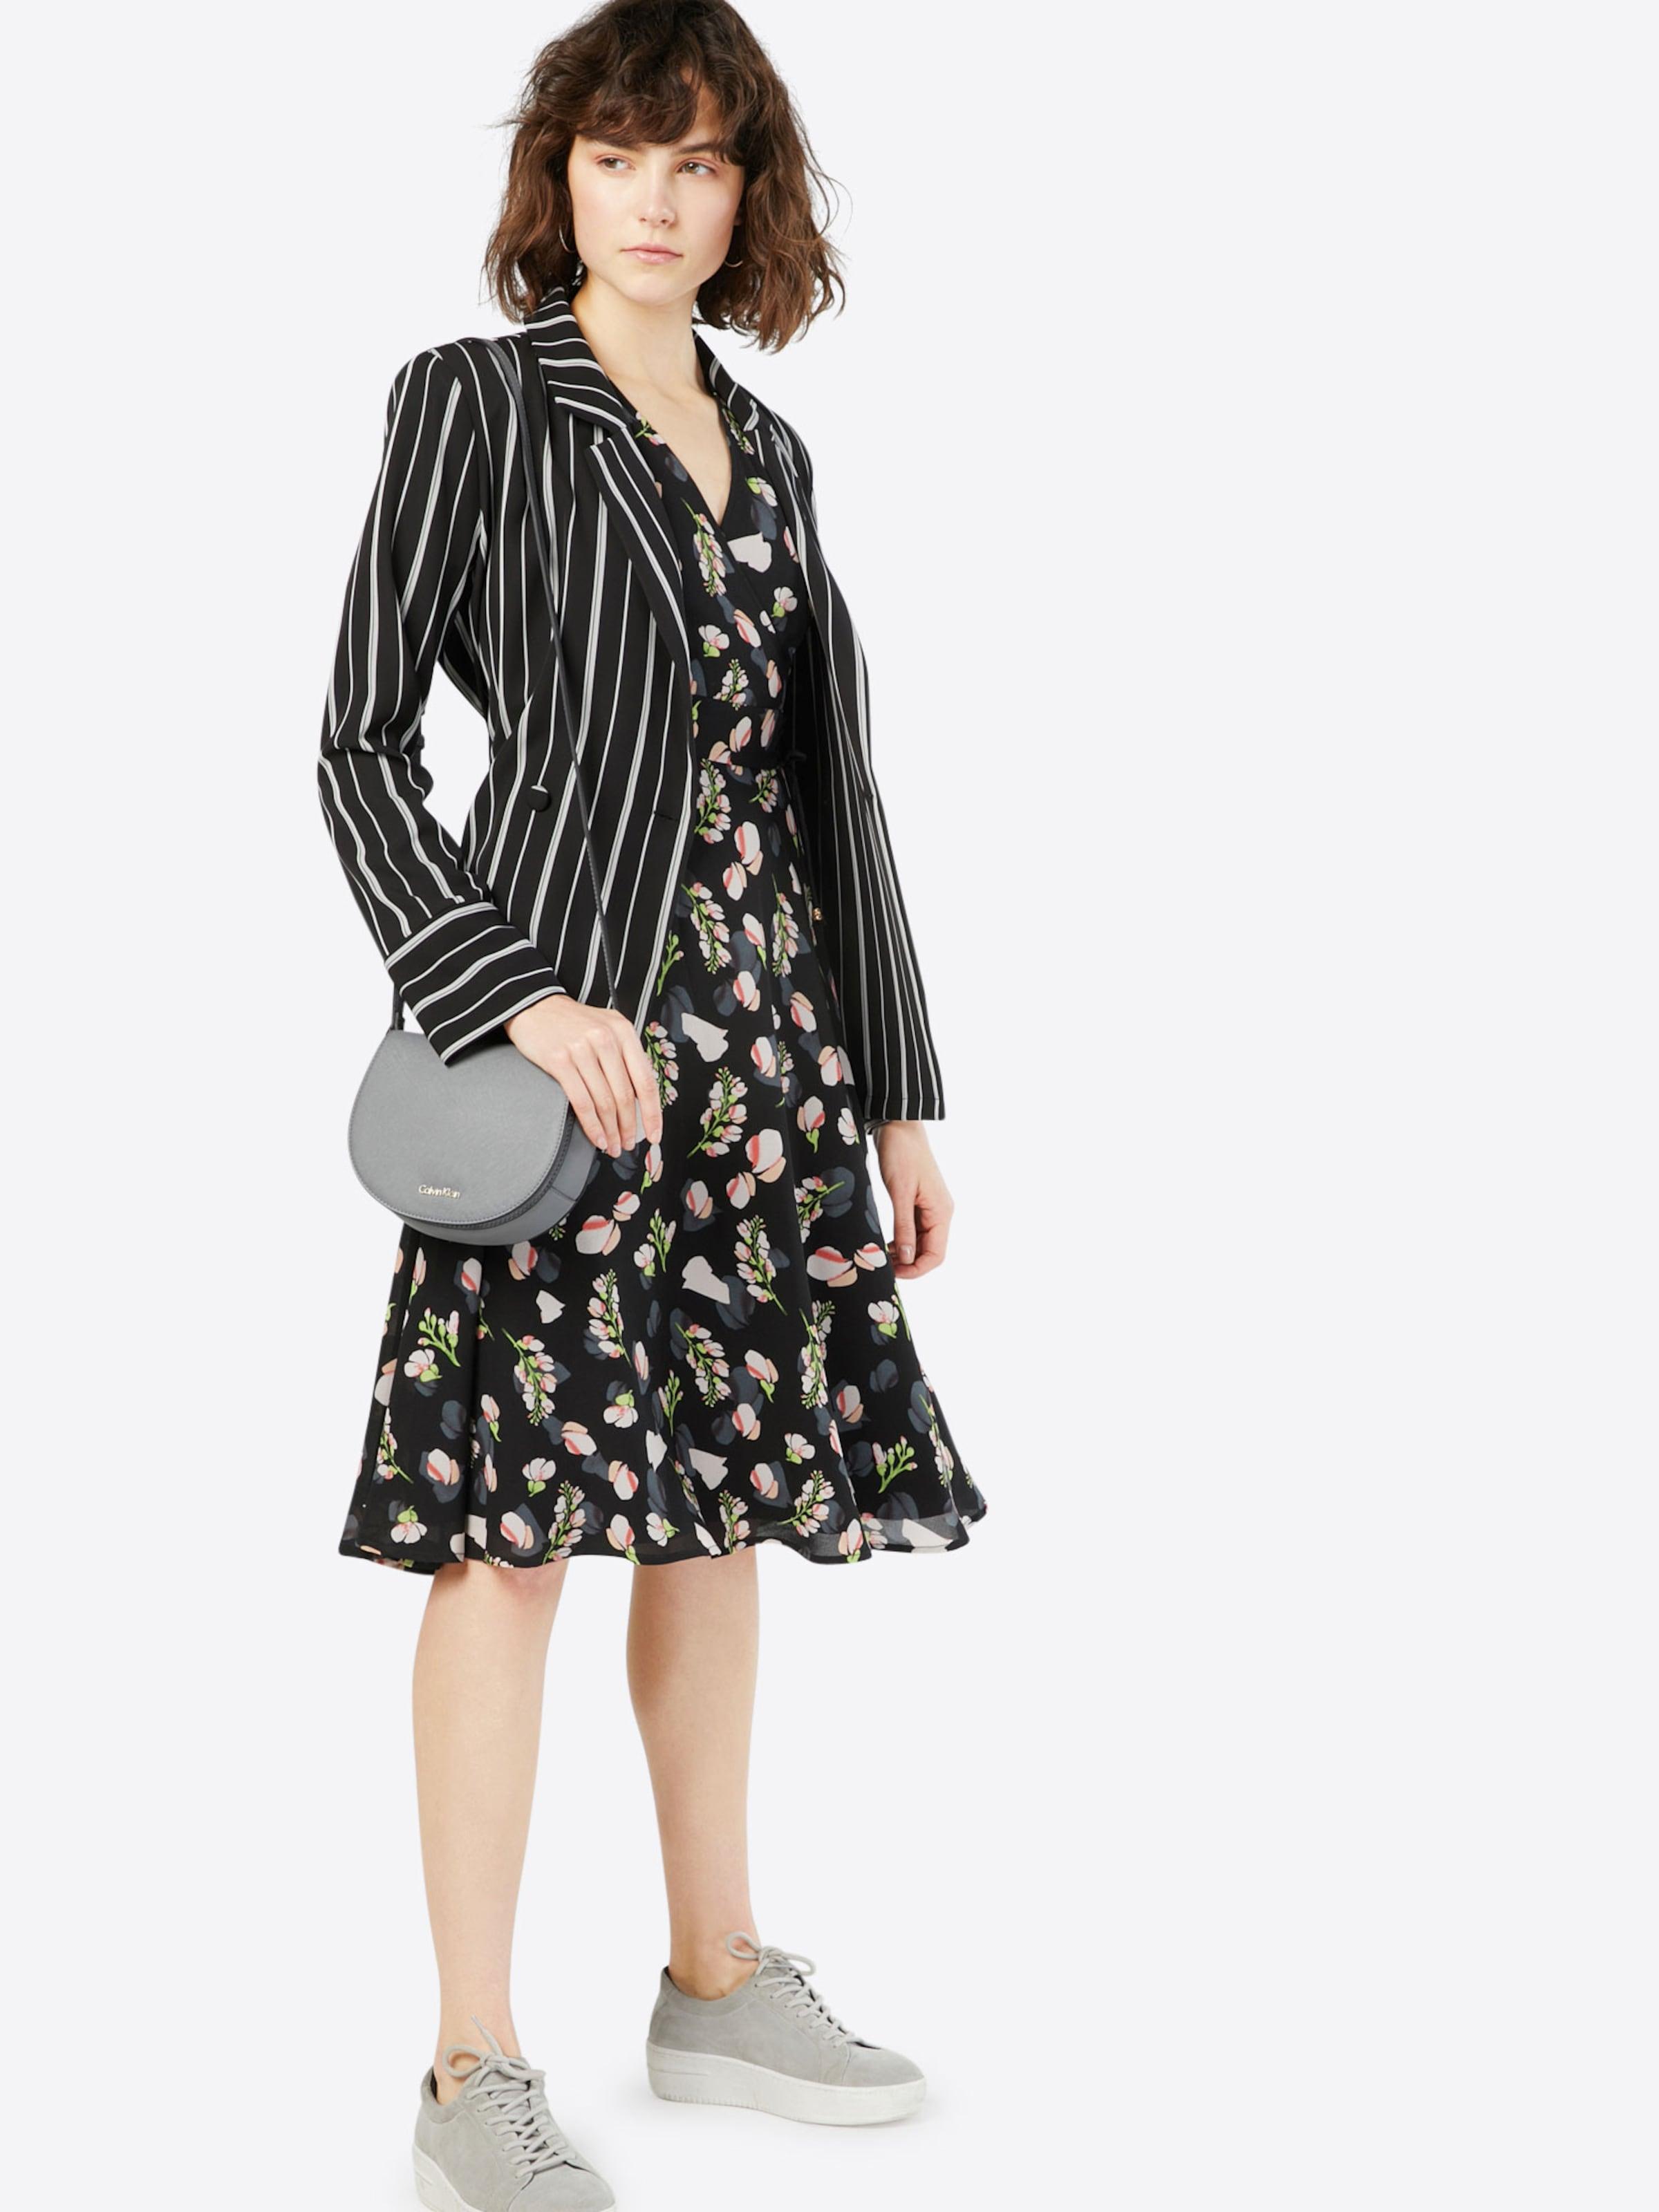 Tie' MischfarbenSchwarz Yumi Kleid 'lace In qULVSpMzG